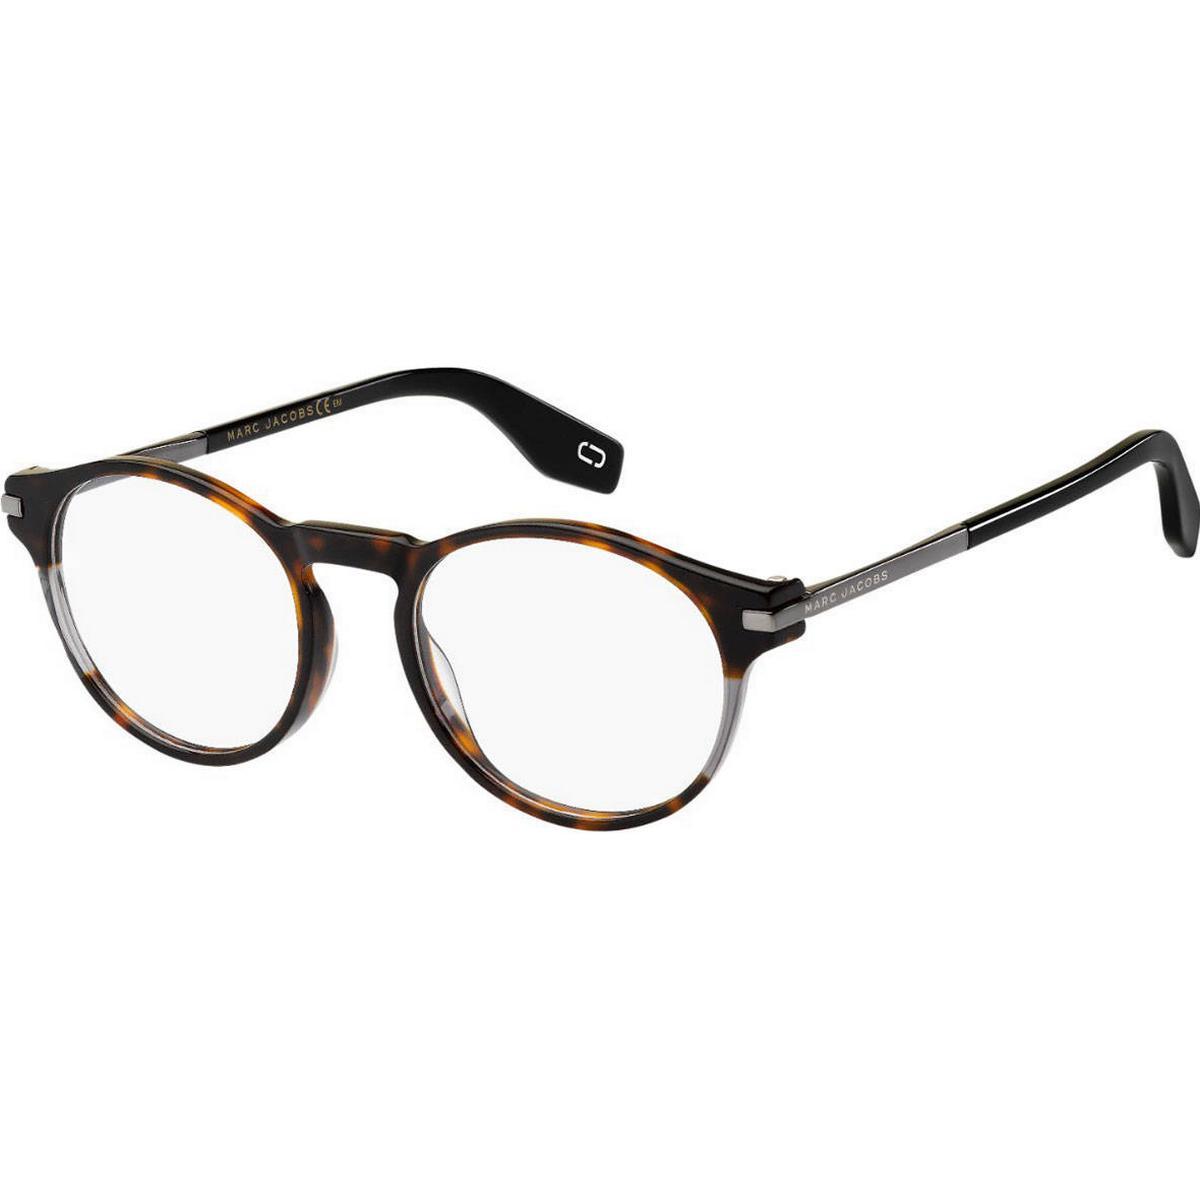 b05705ed2a46 Marc Jacobs Briller - Sammenlign priser hos PriceRunner